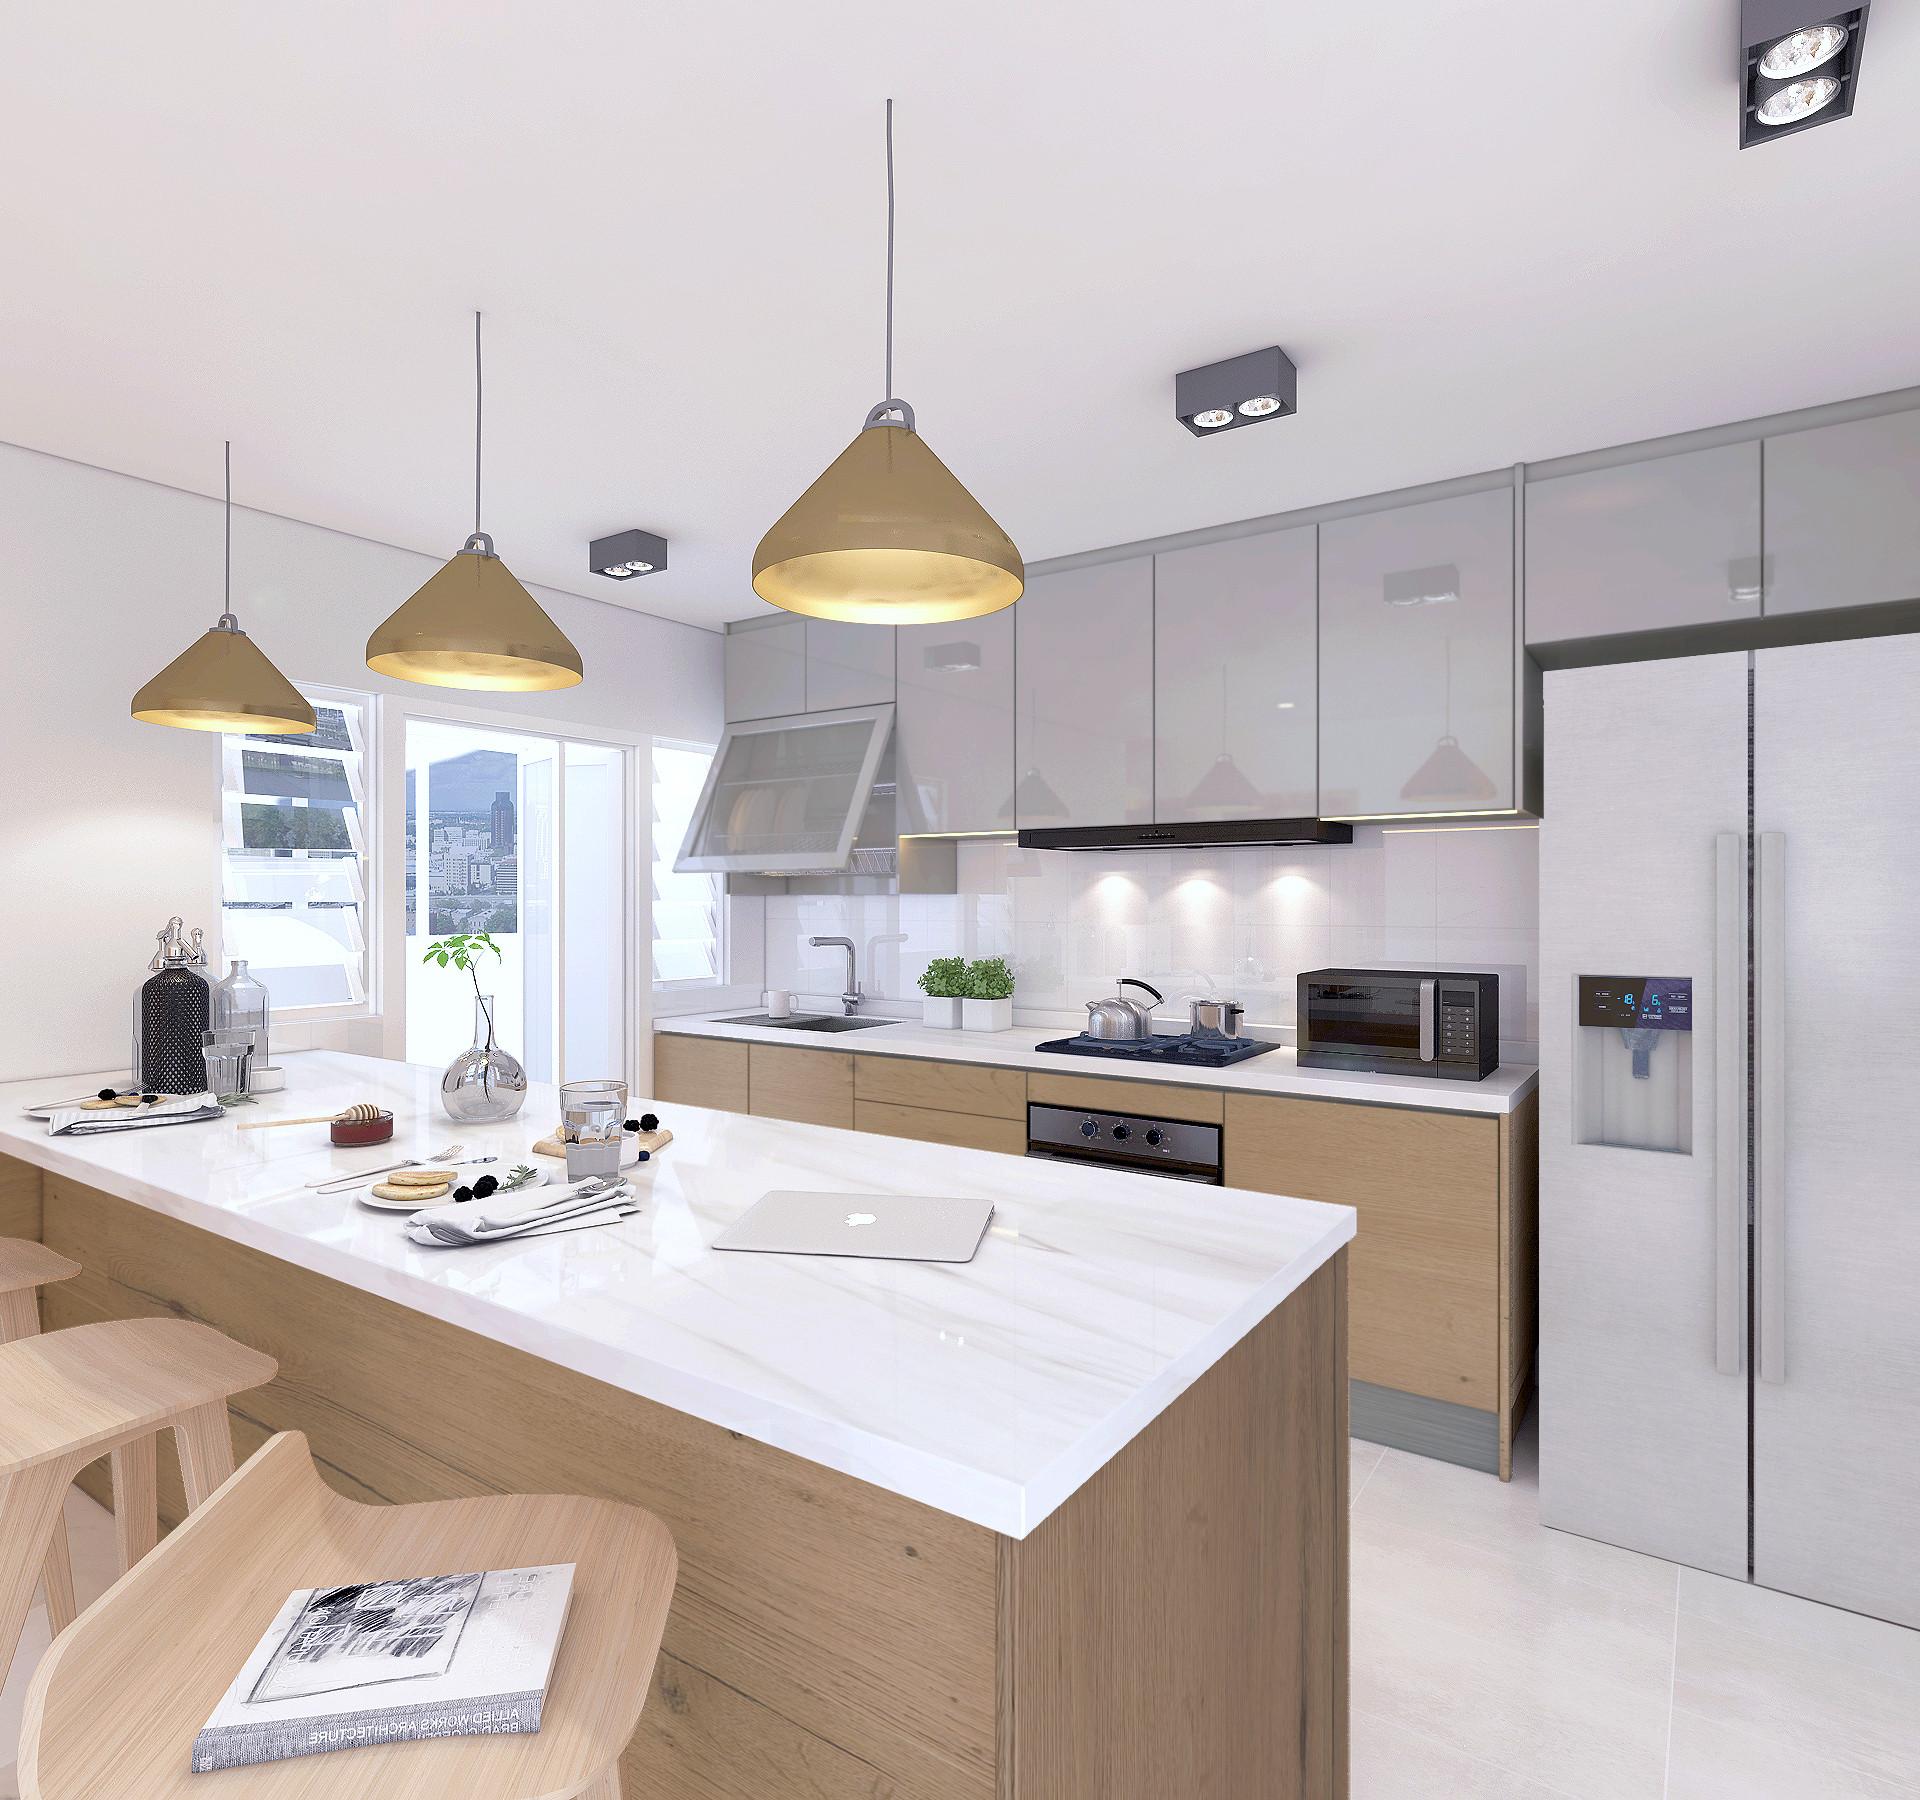 5 Room Kitchen Area